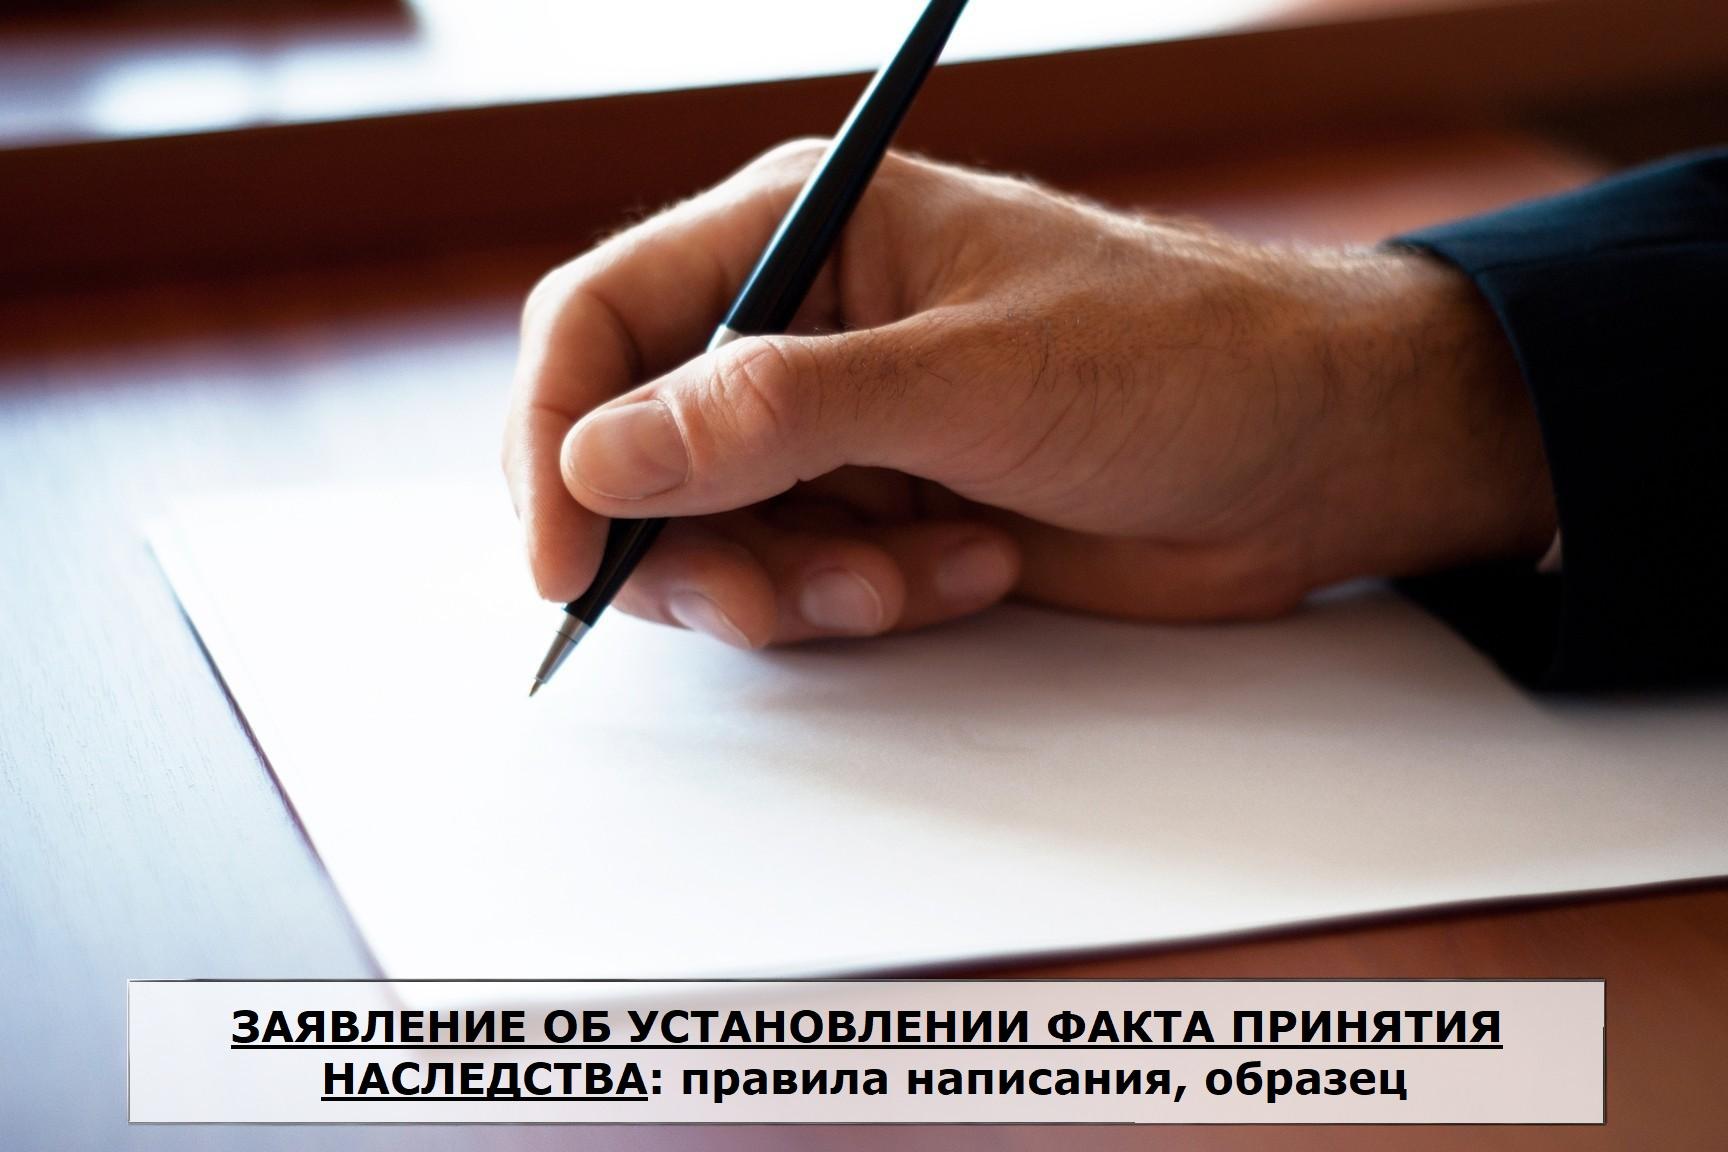 Погода в городе карталы челябинской области на 10 дней